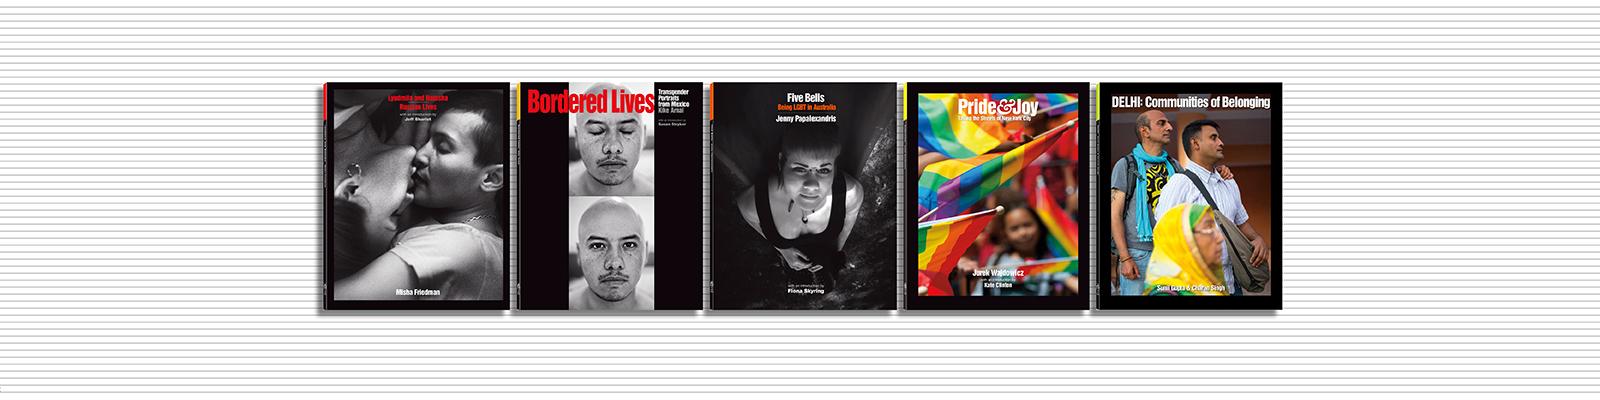 LGBT_5books